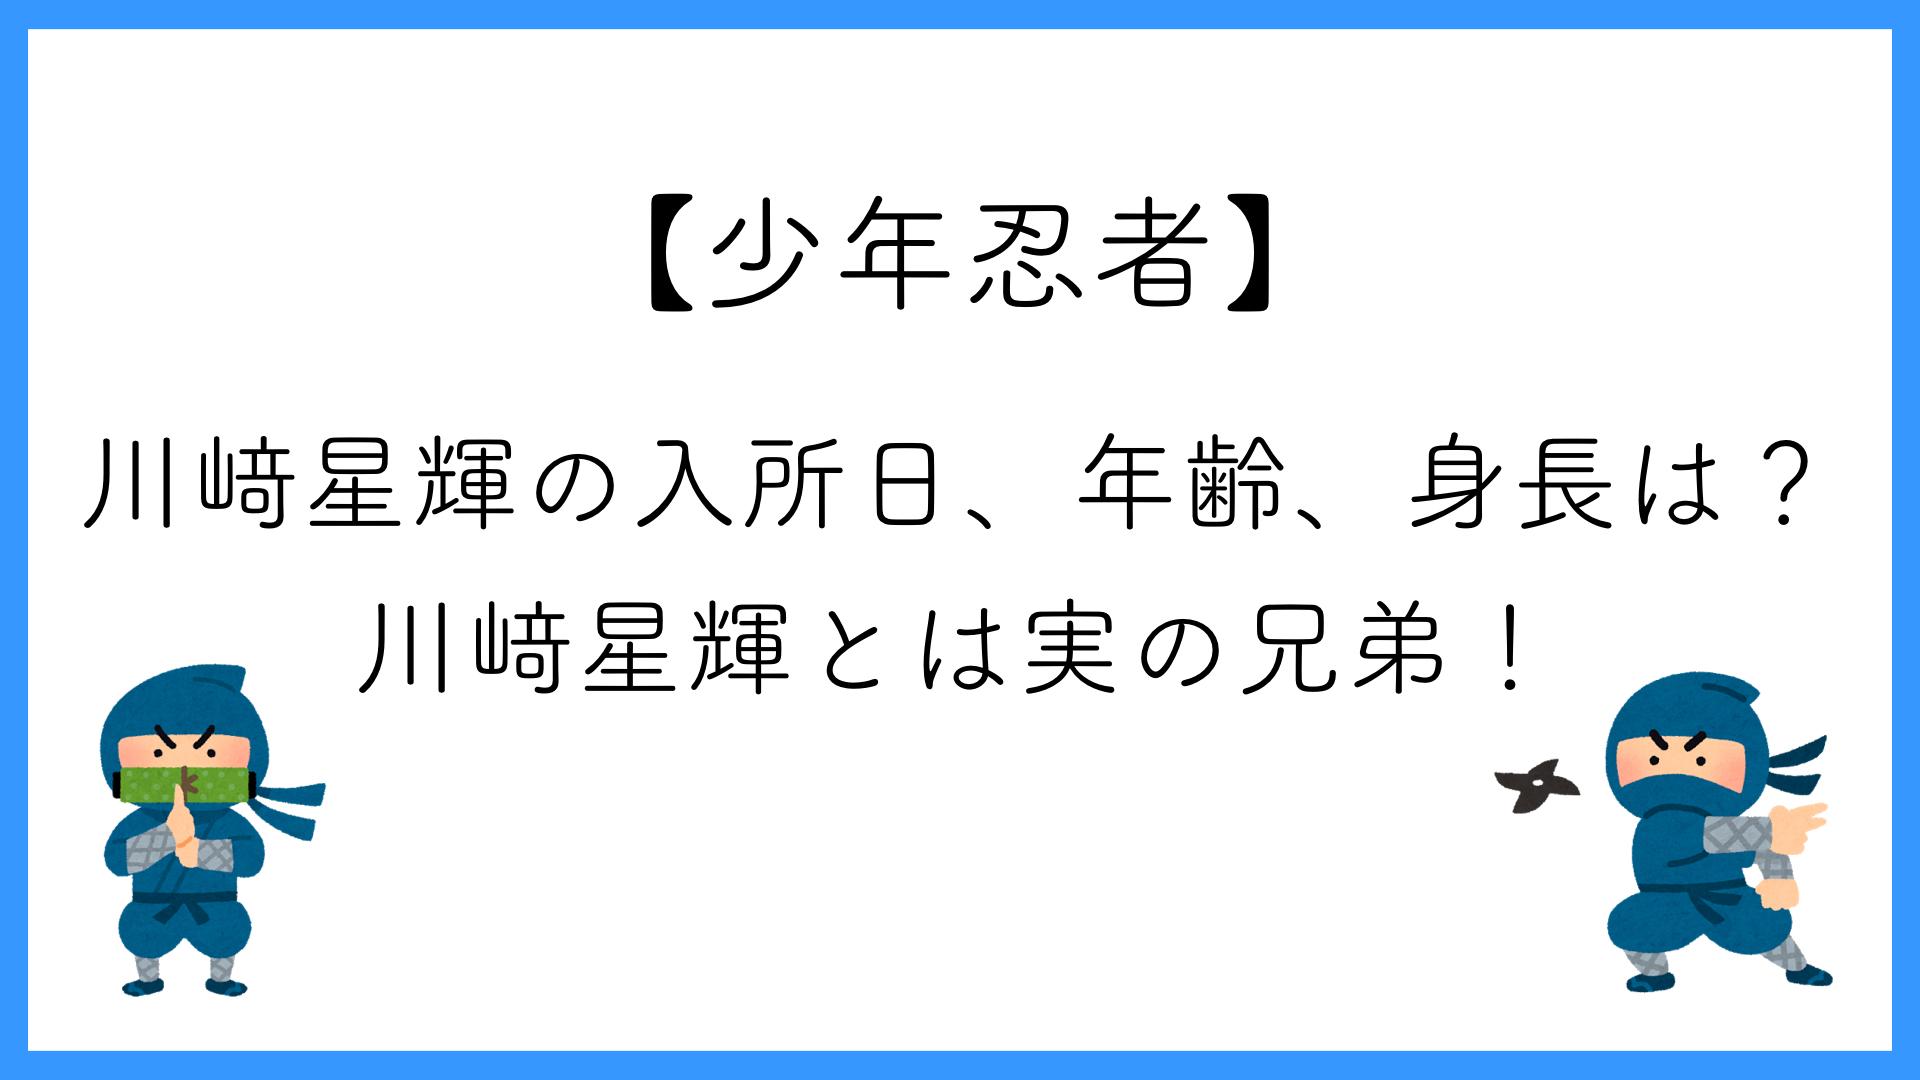 【少年忍者】川﨑星輝の入所日、年齢、身長は?川﨑皇輝とは実の兄弟!